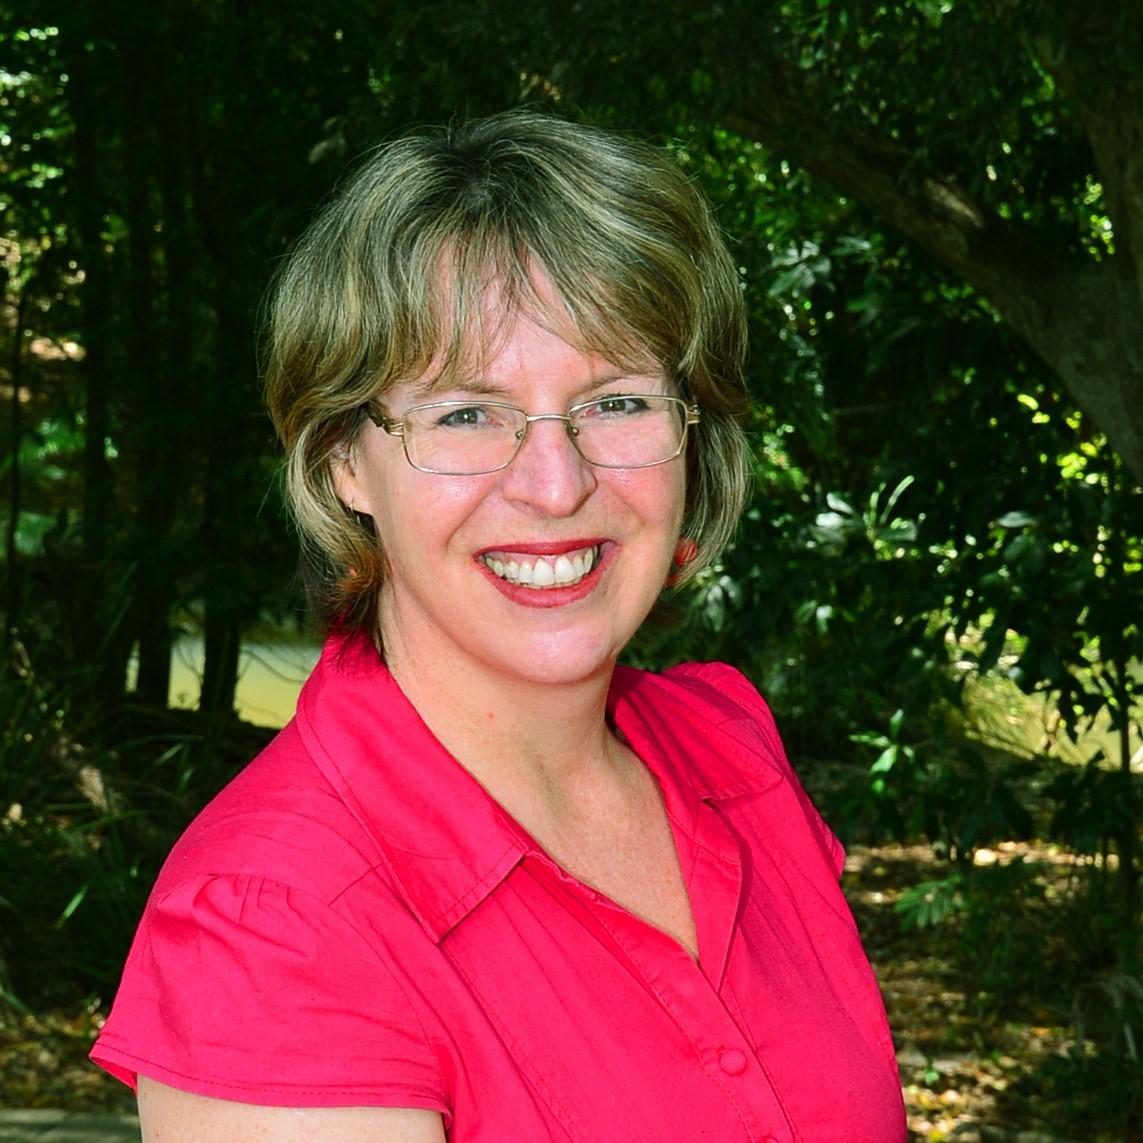 Sophia Auld